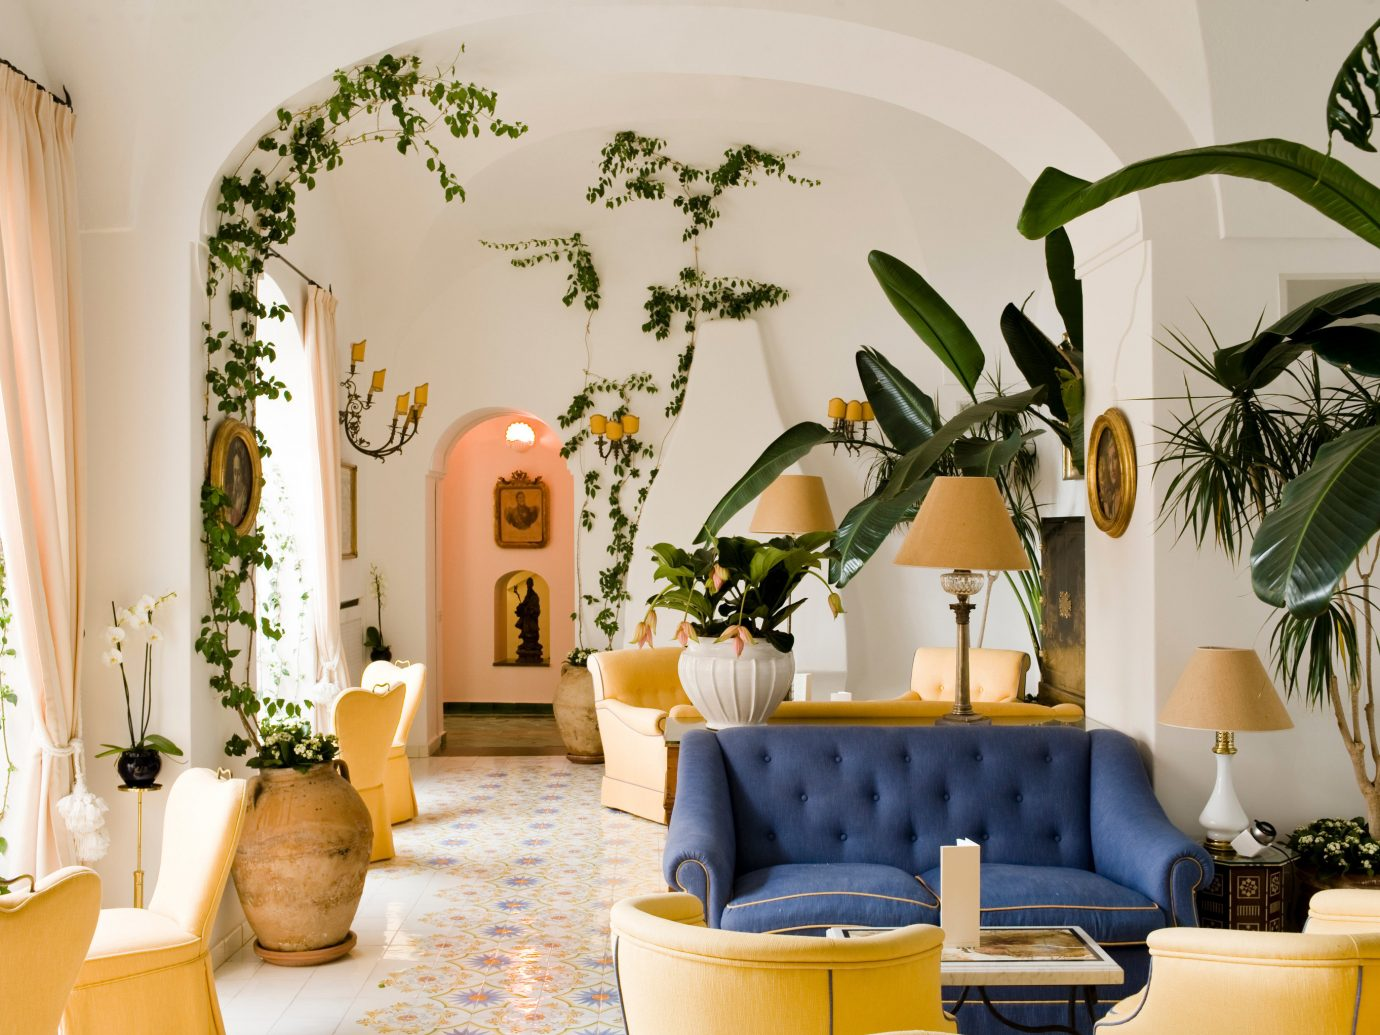 Lobby at Le Sirenuse Positano, Italy